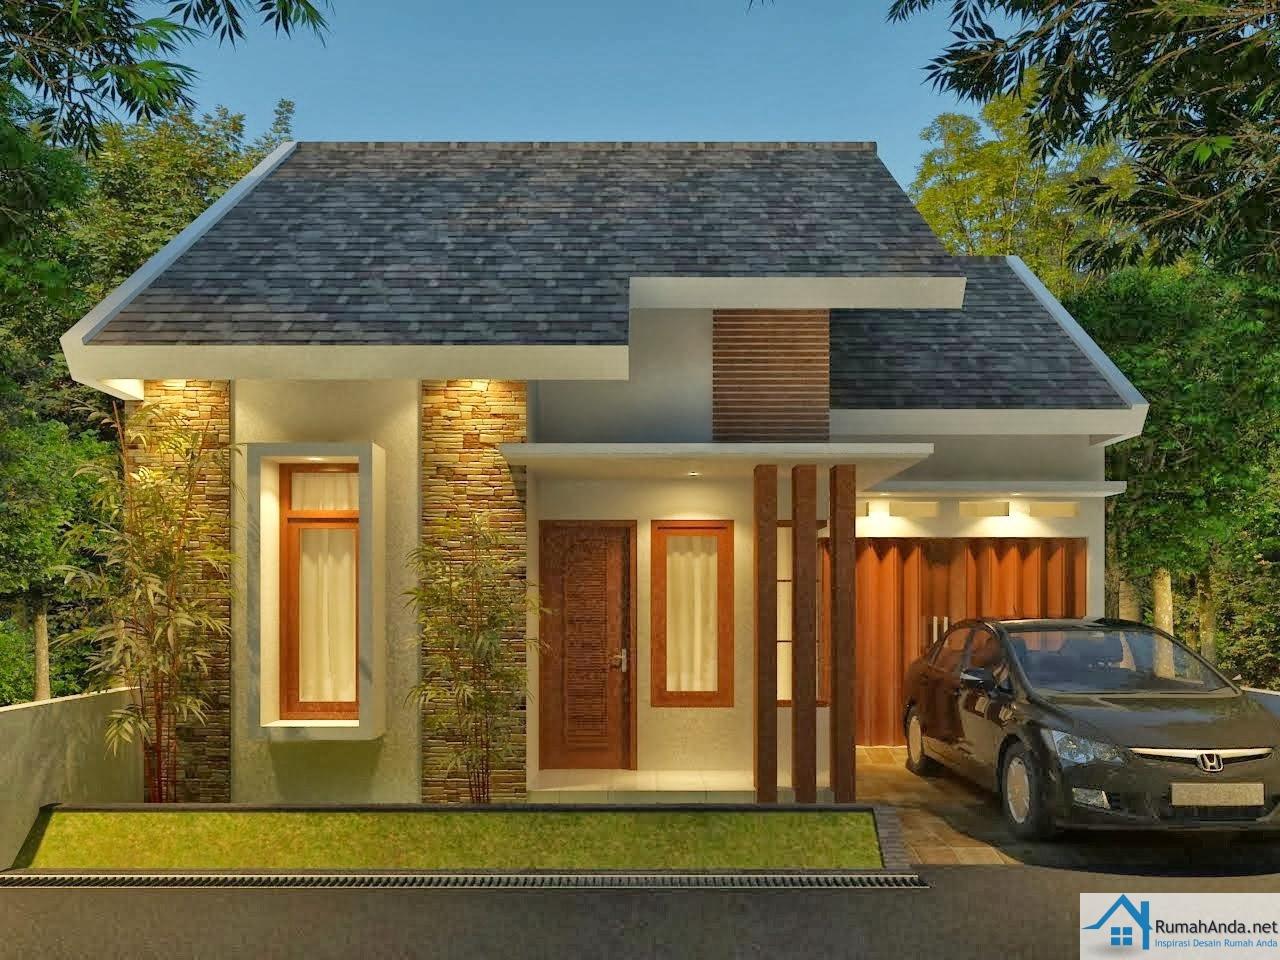 Desain Rumah Minimalis Modern 1 dan 2 Lantai 2019 Contoh